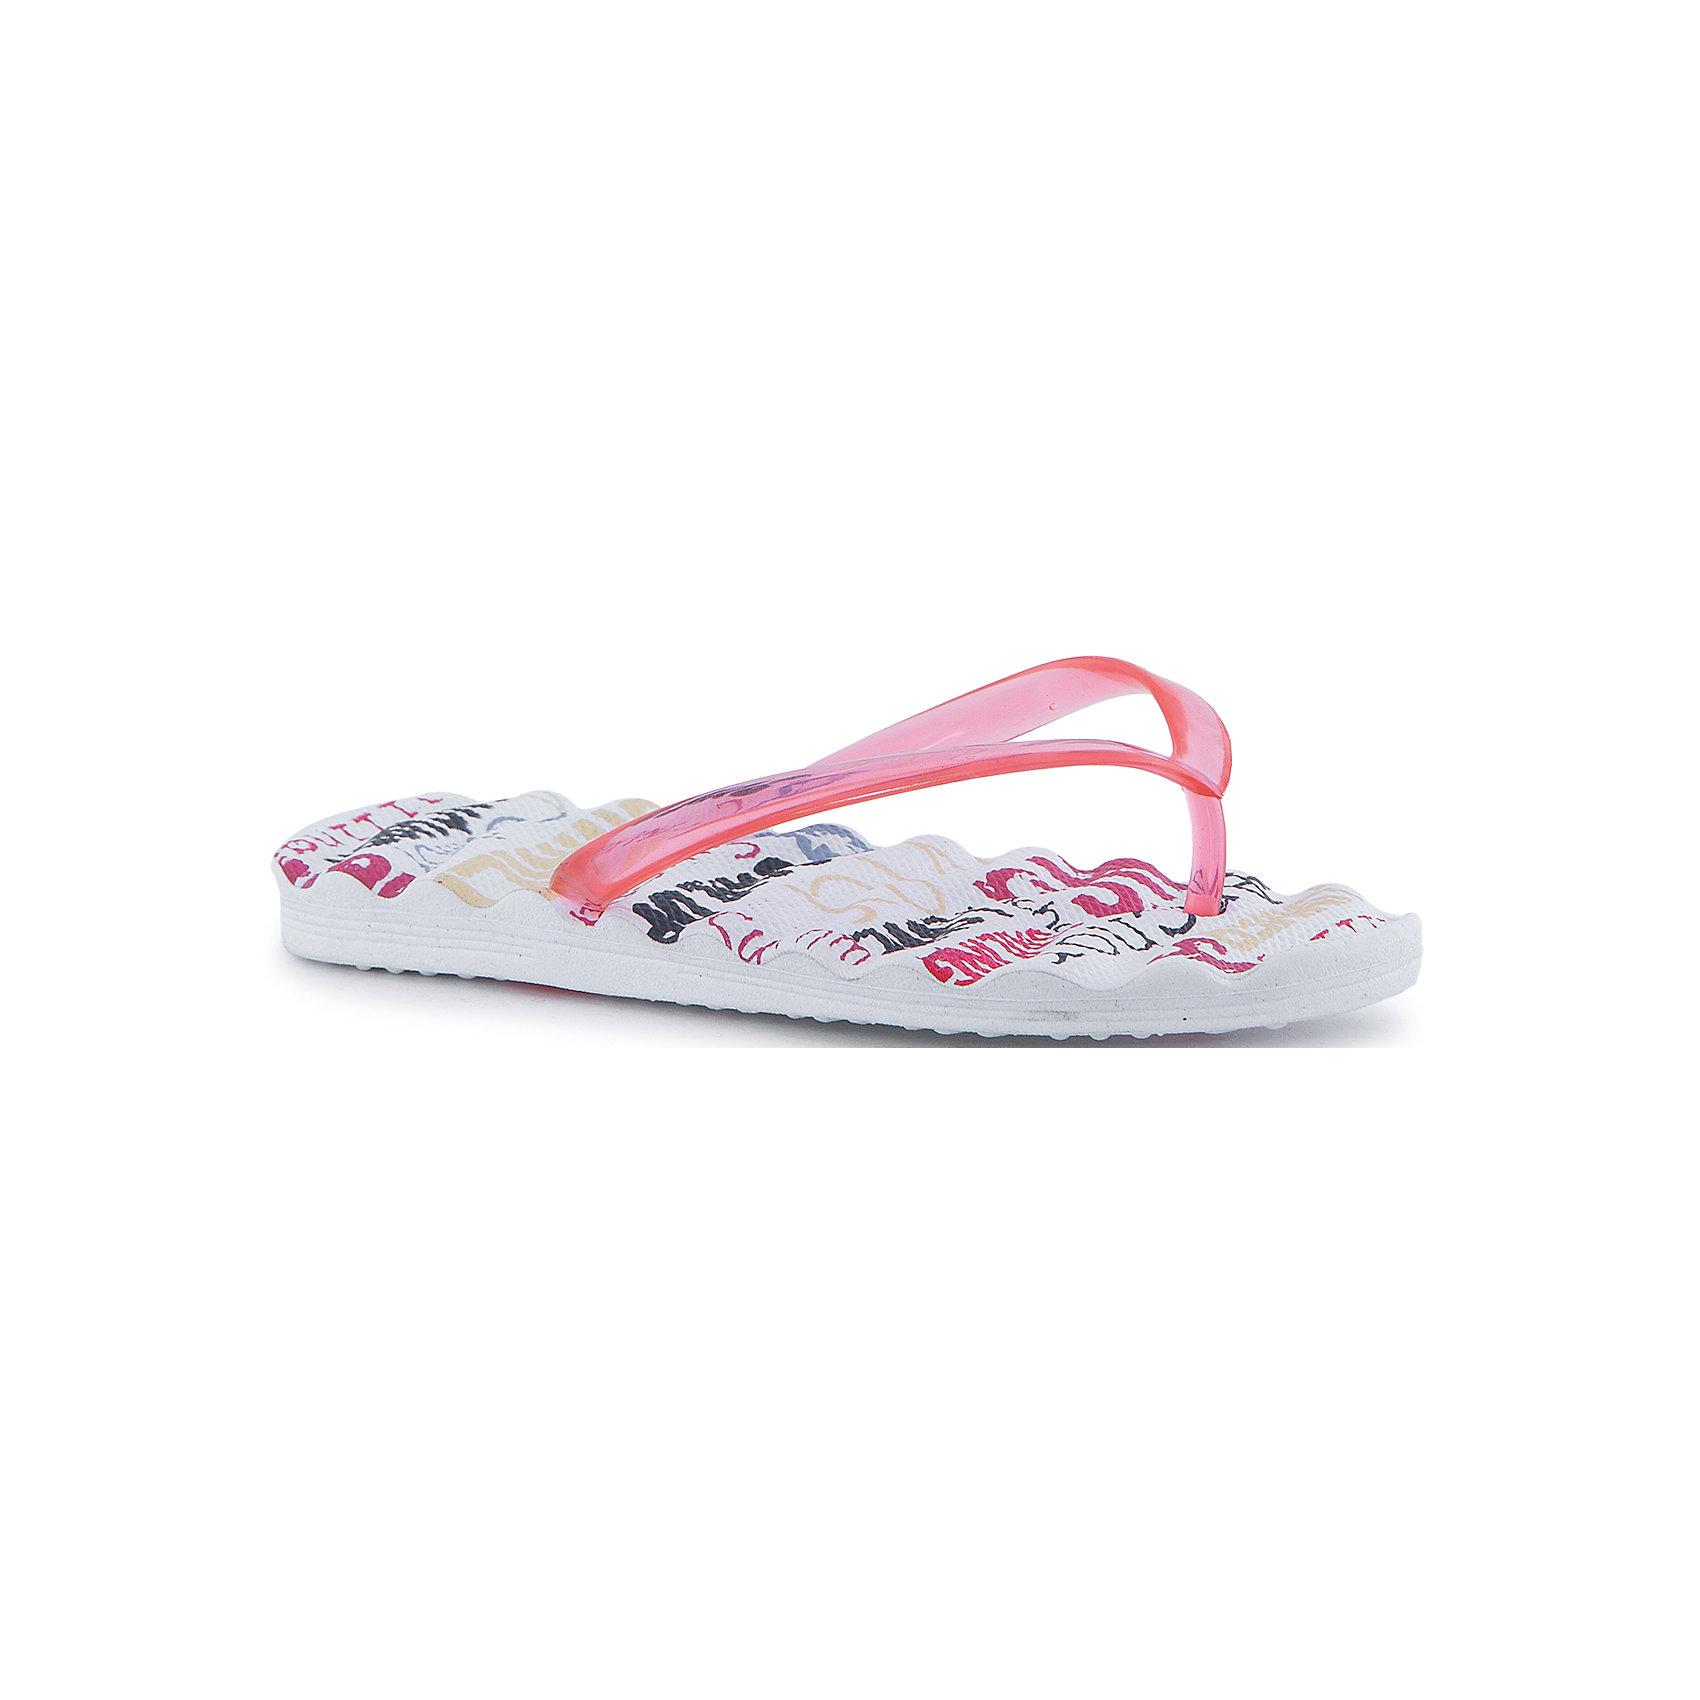 Шлепанцы для девочки PlayTodayПляжная обувь<br>Пантолеты для девочки от известного бренда PlayToday<br>Яркие непромокаемые пантолеты для жаркого лета.<br>Состав:<br>Этиленвинилацетат<br><br>Ширина мм: 225<br>Глубина мм: 139<br>Высота мм: 112<br>Вес г: 290<br>Цвет: разноцветный<br>Возраст от месяцев: 24<br>Возраст до месяцев: 36<br>Пол: Женский<br>Возраст: Детский<br>Размер: 26,29,30,31,27,28<br>SKU: 4789817